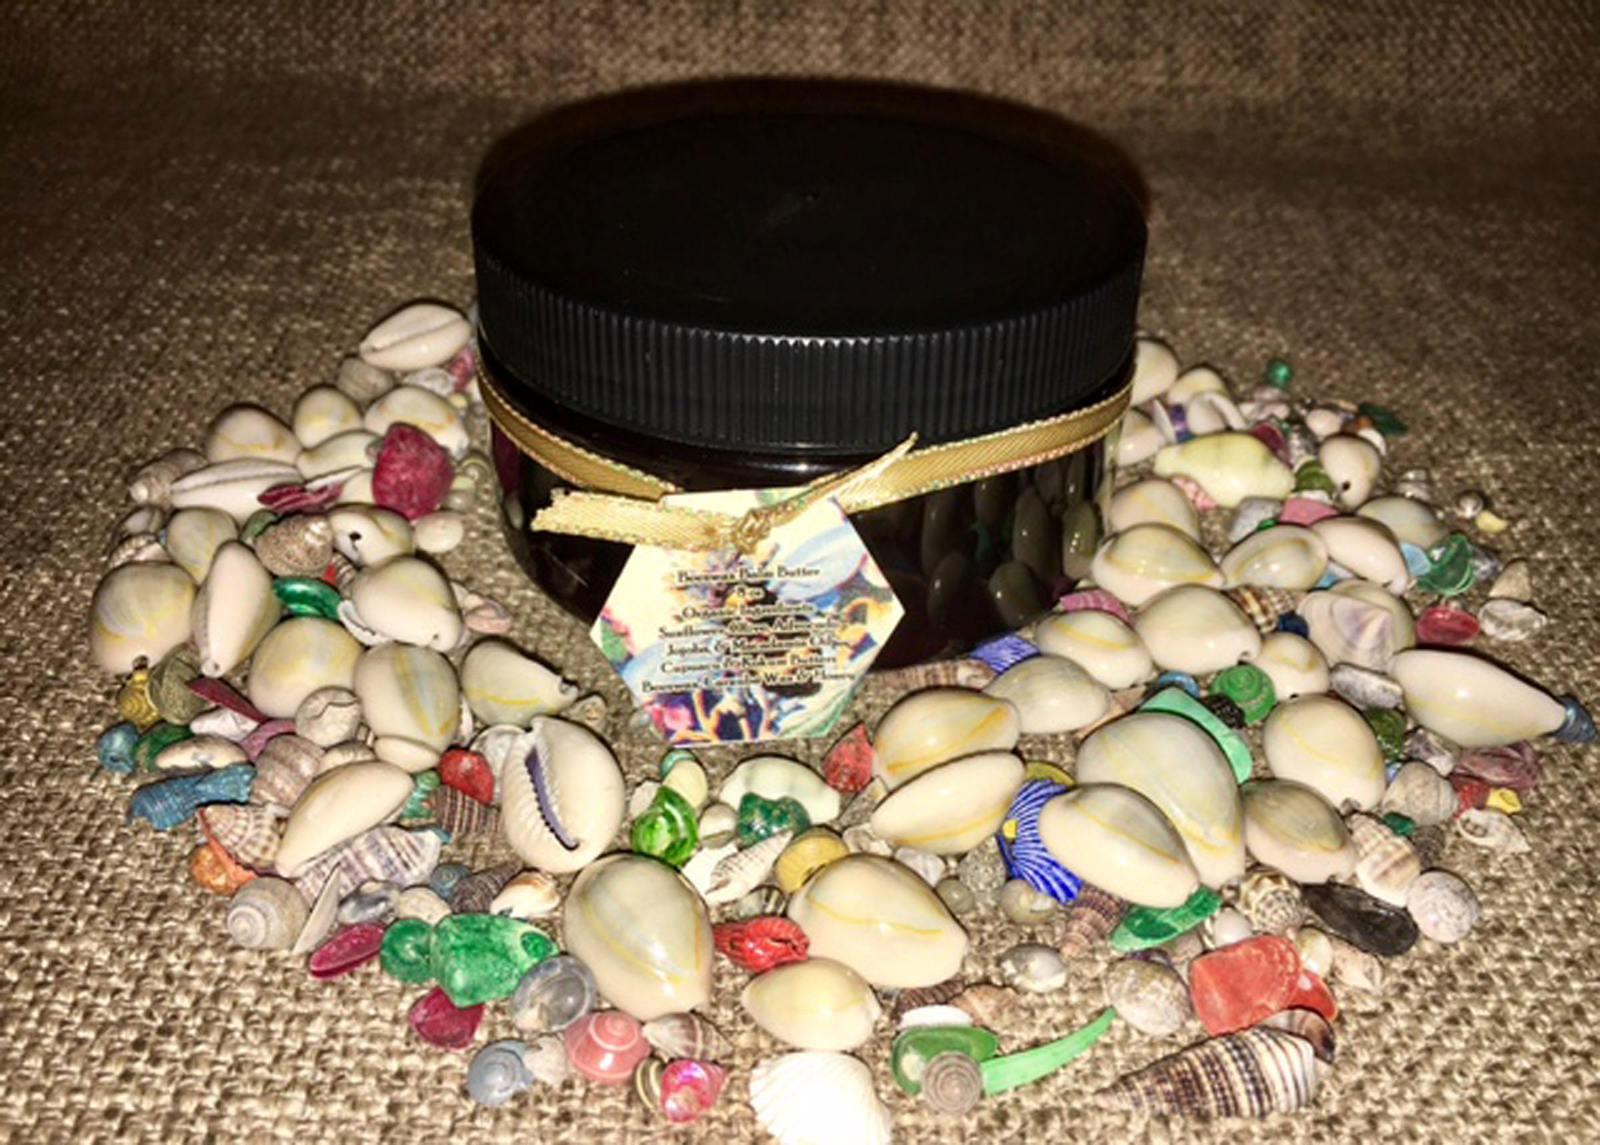 Vegan Mature Dry Sensitive Skin Night Cream 8oz Balm Soothe Renew Heal Repair Ko